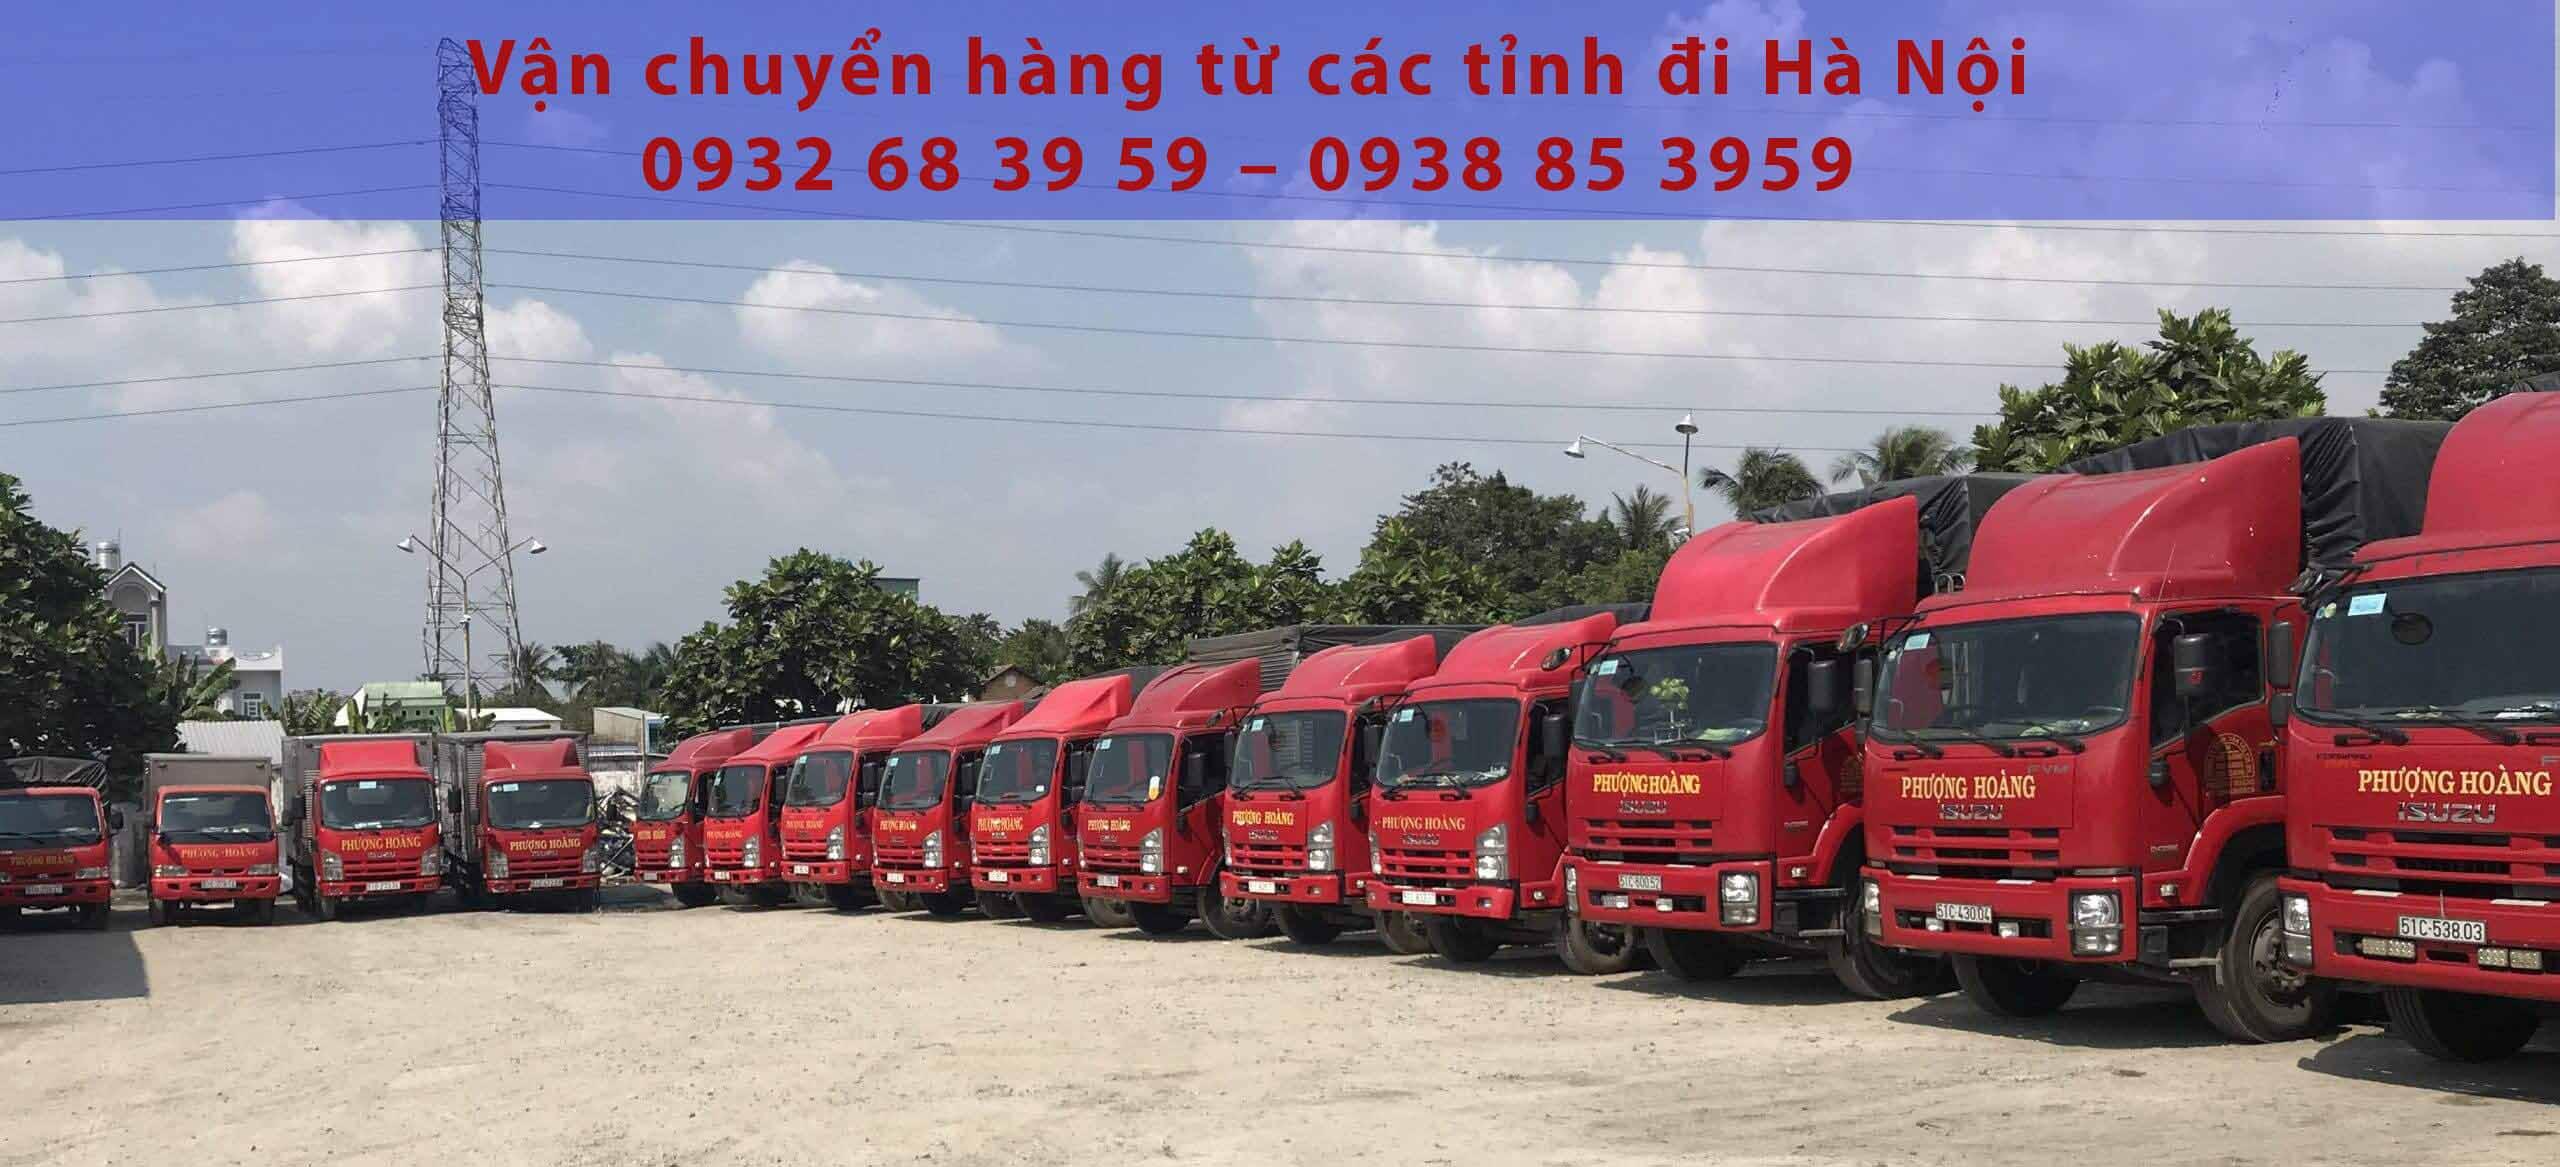 vận chuyển hàng từ các tỉnh đi hà nội